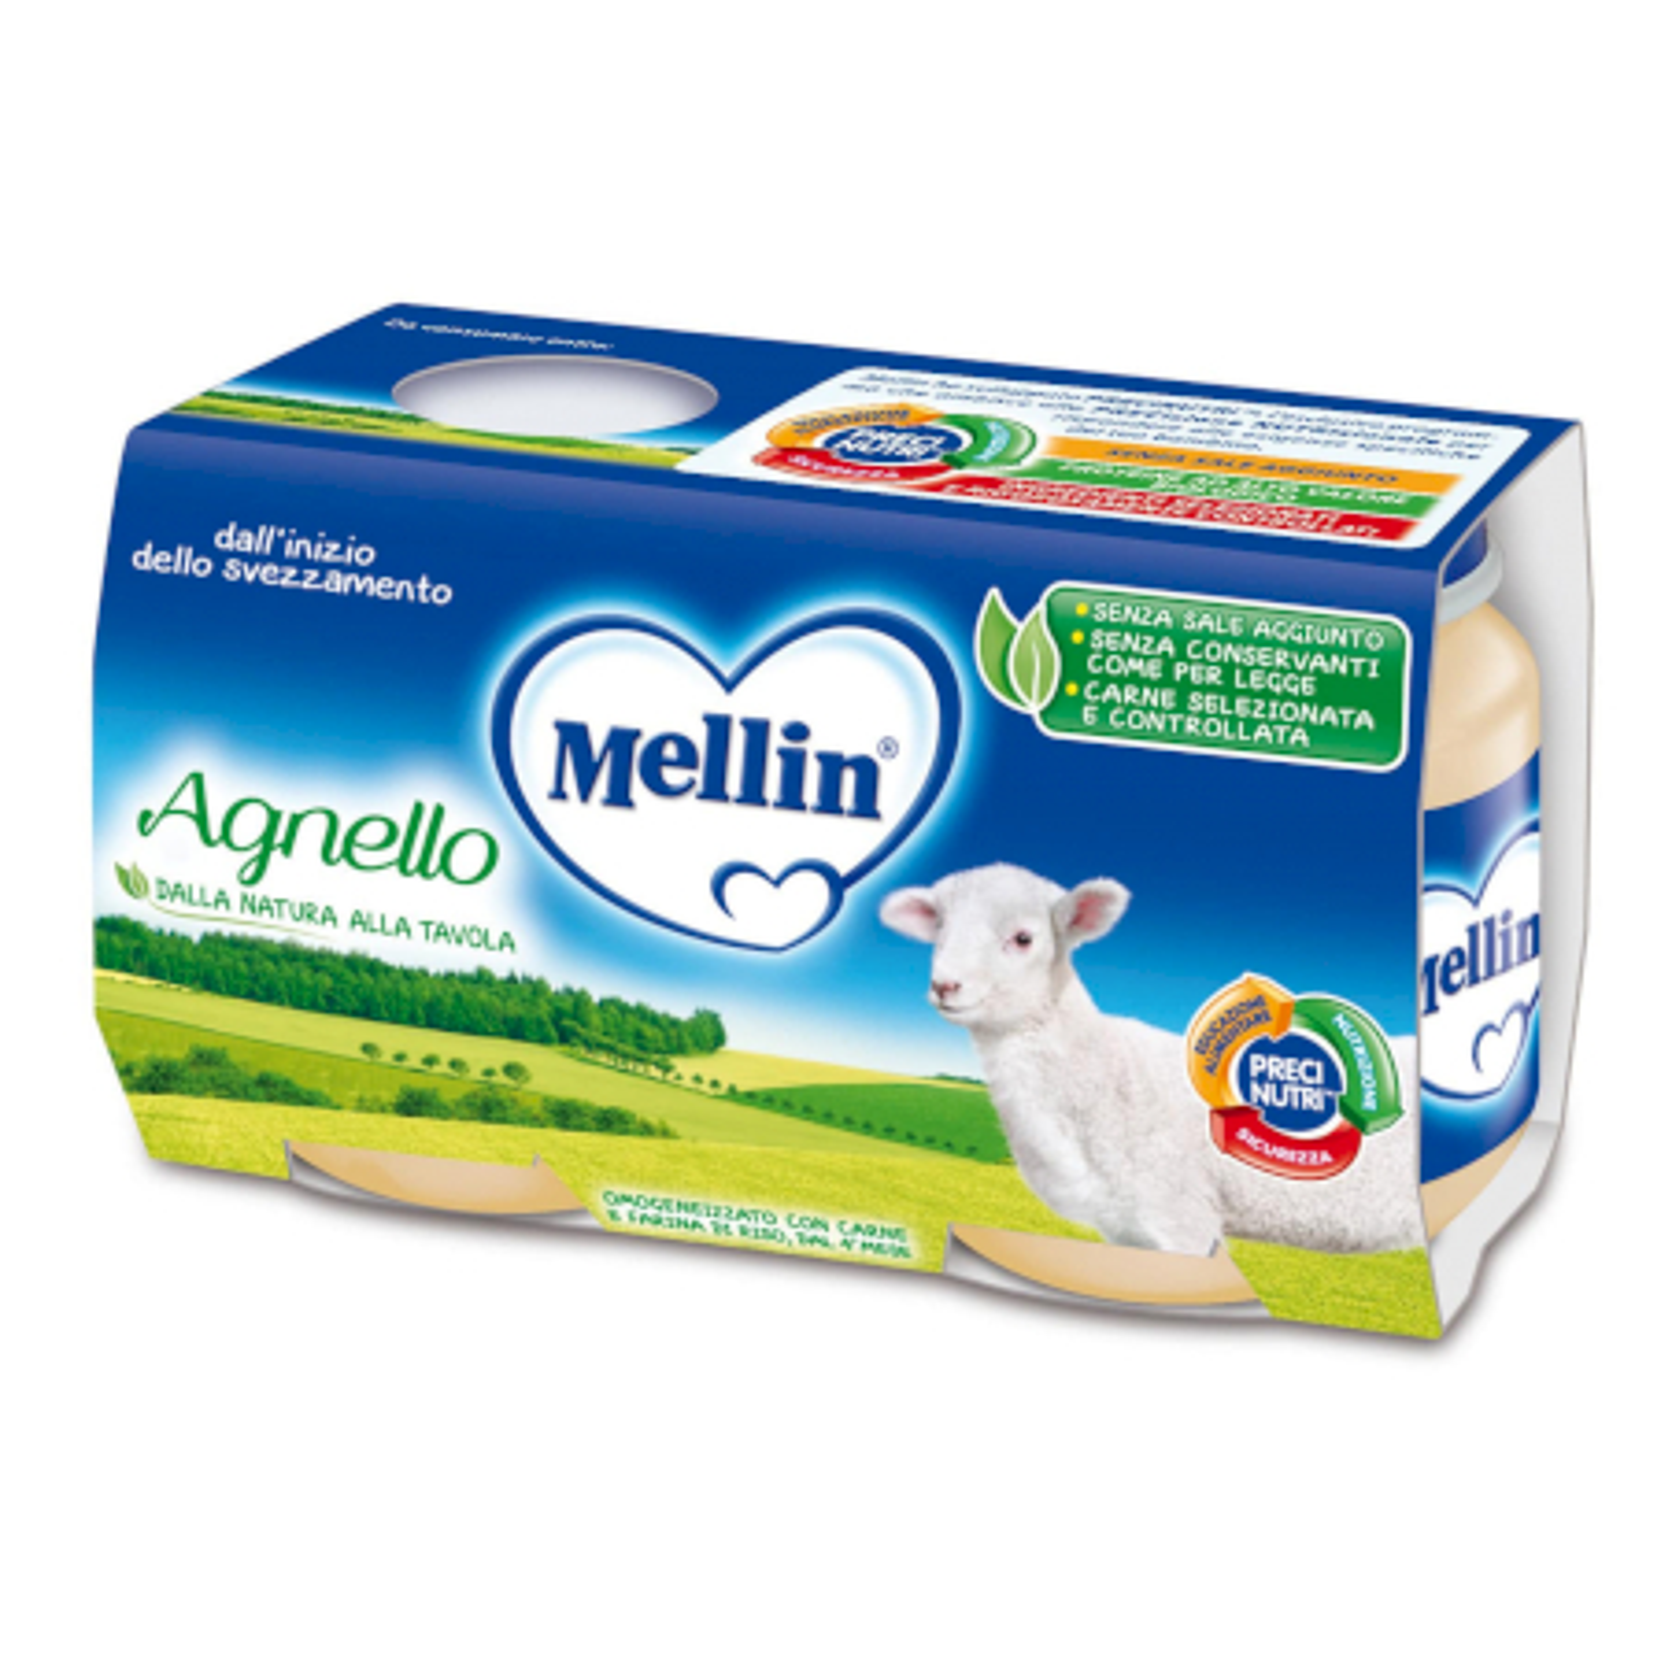 Omogeneizzato Agnello Mellin